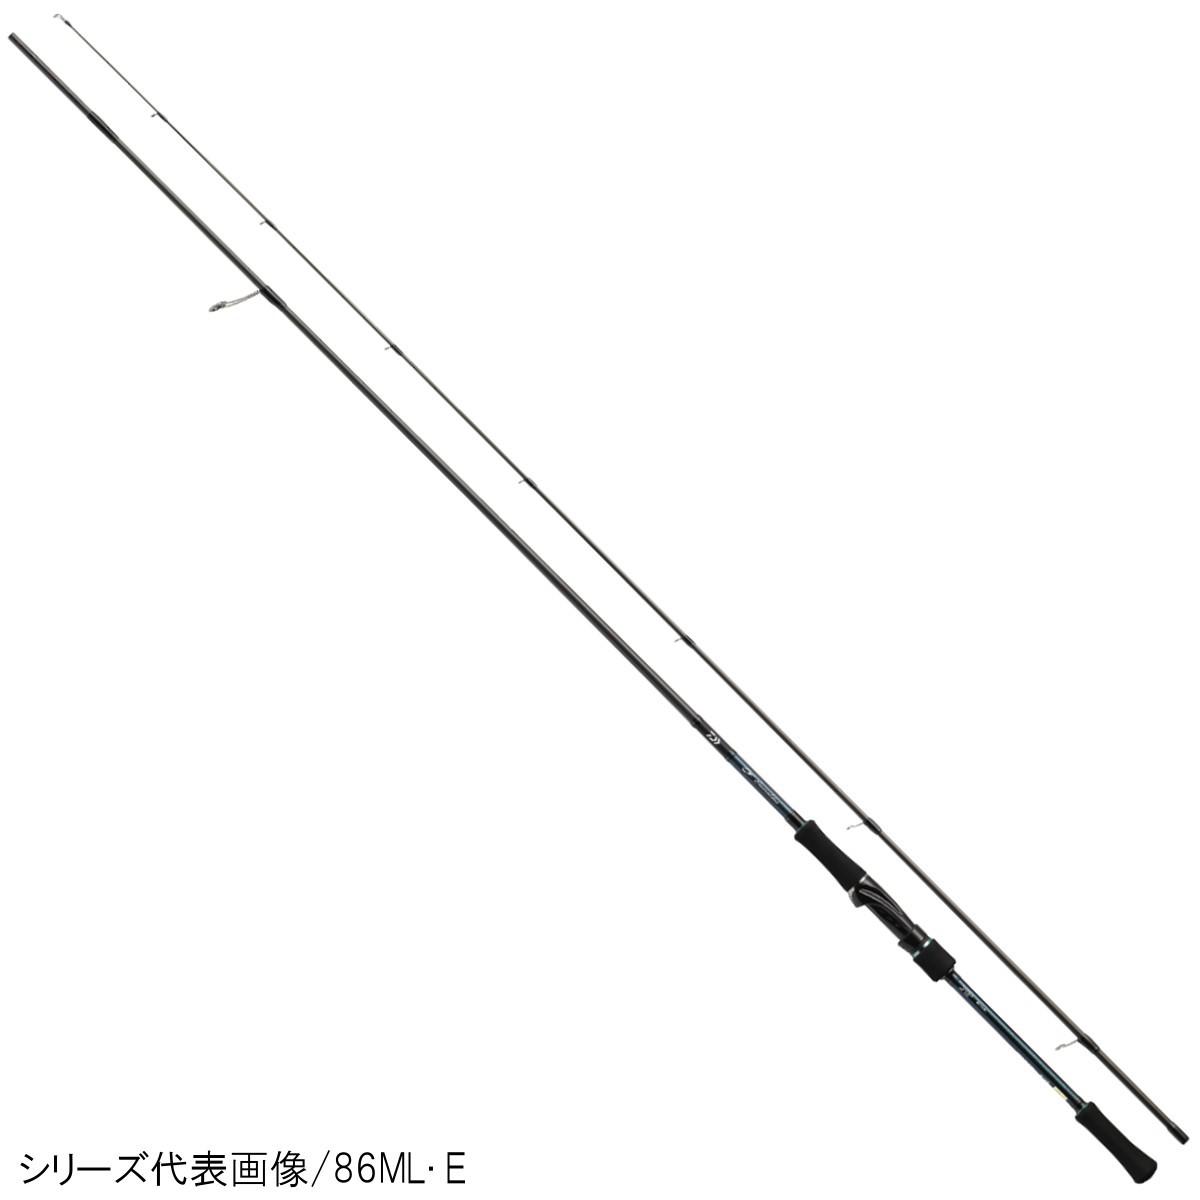 ダイワ エメラルダス MX(アウトガイドモデル) 86M・E【送料無料】